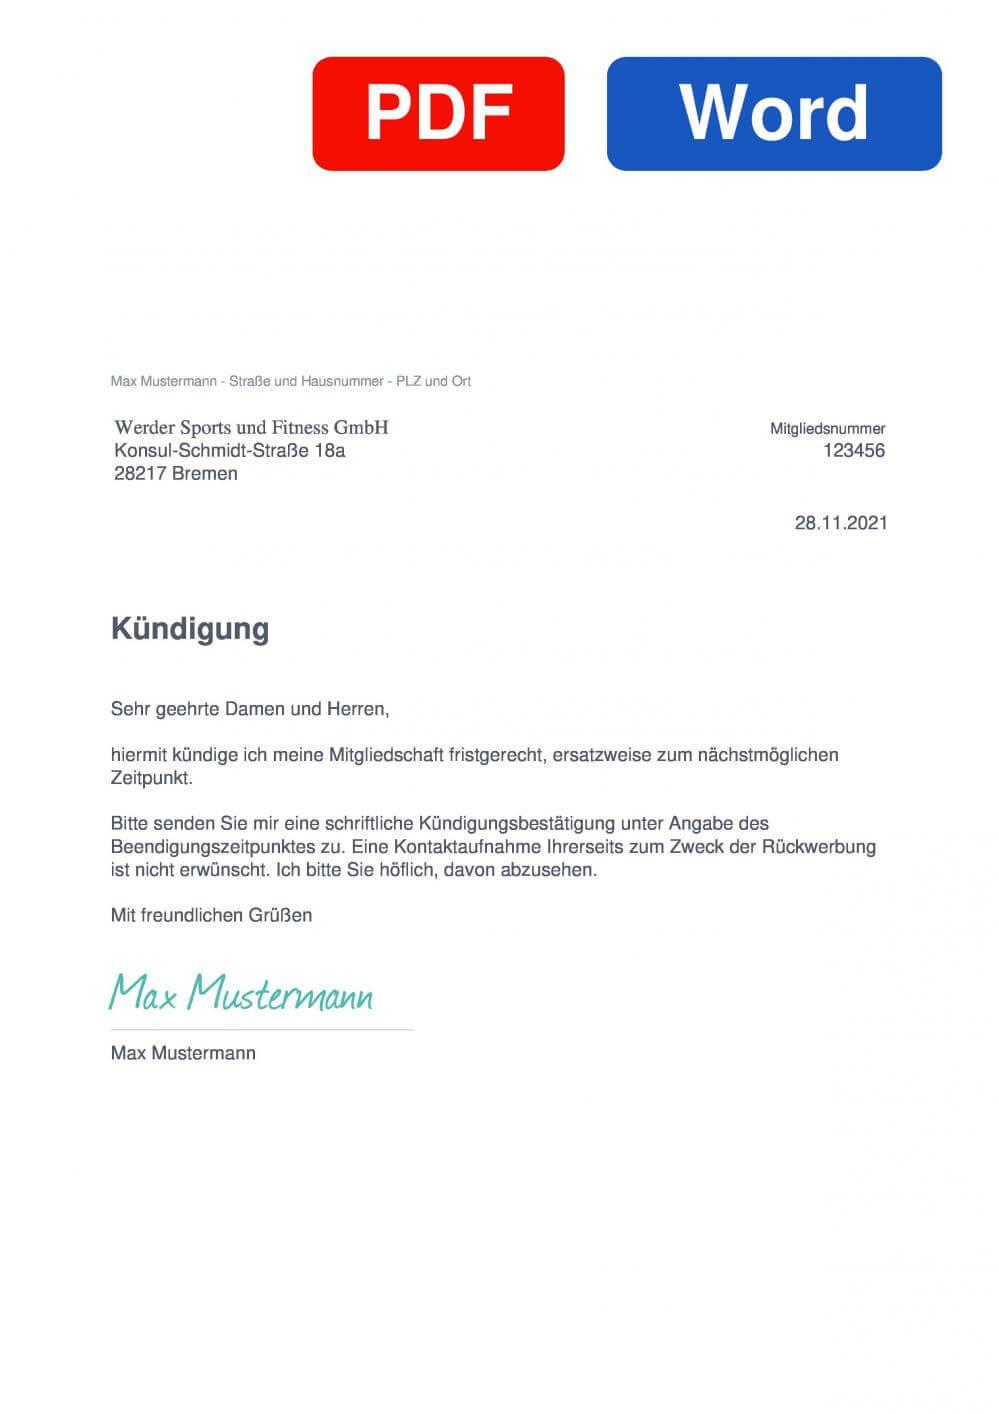 FitnessLOFT Bremen Überseestadt Muster Vorlage für Kündigungsschreiben